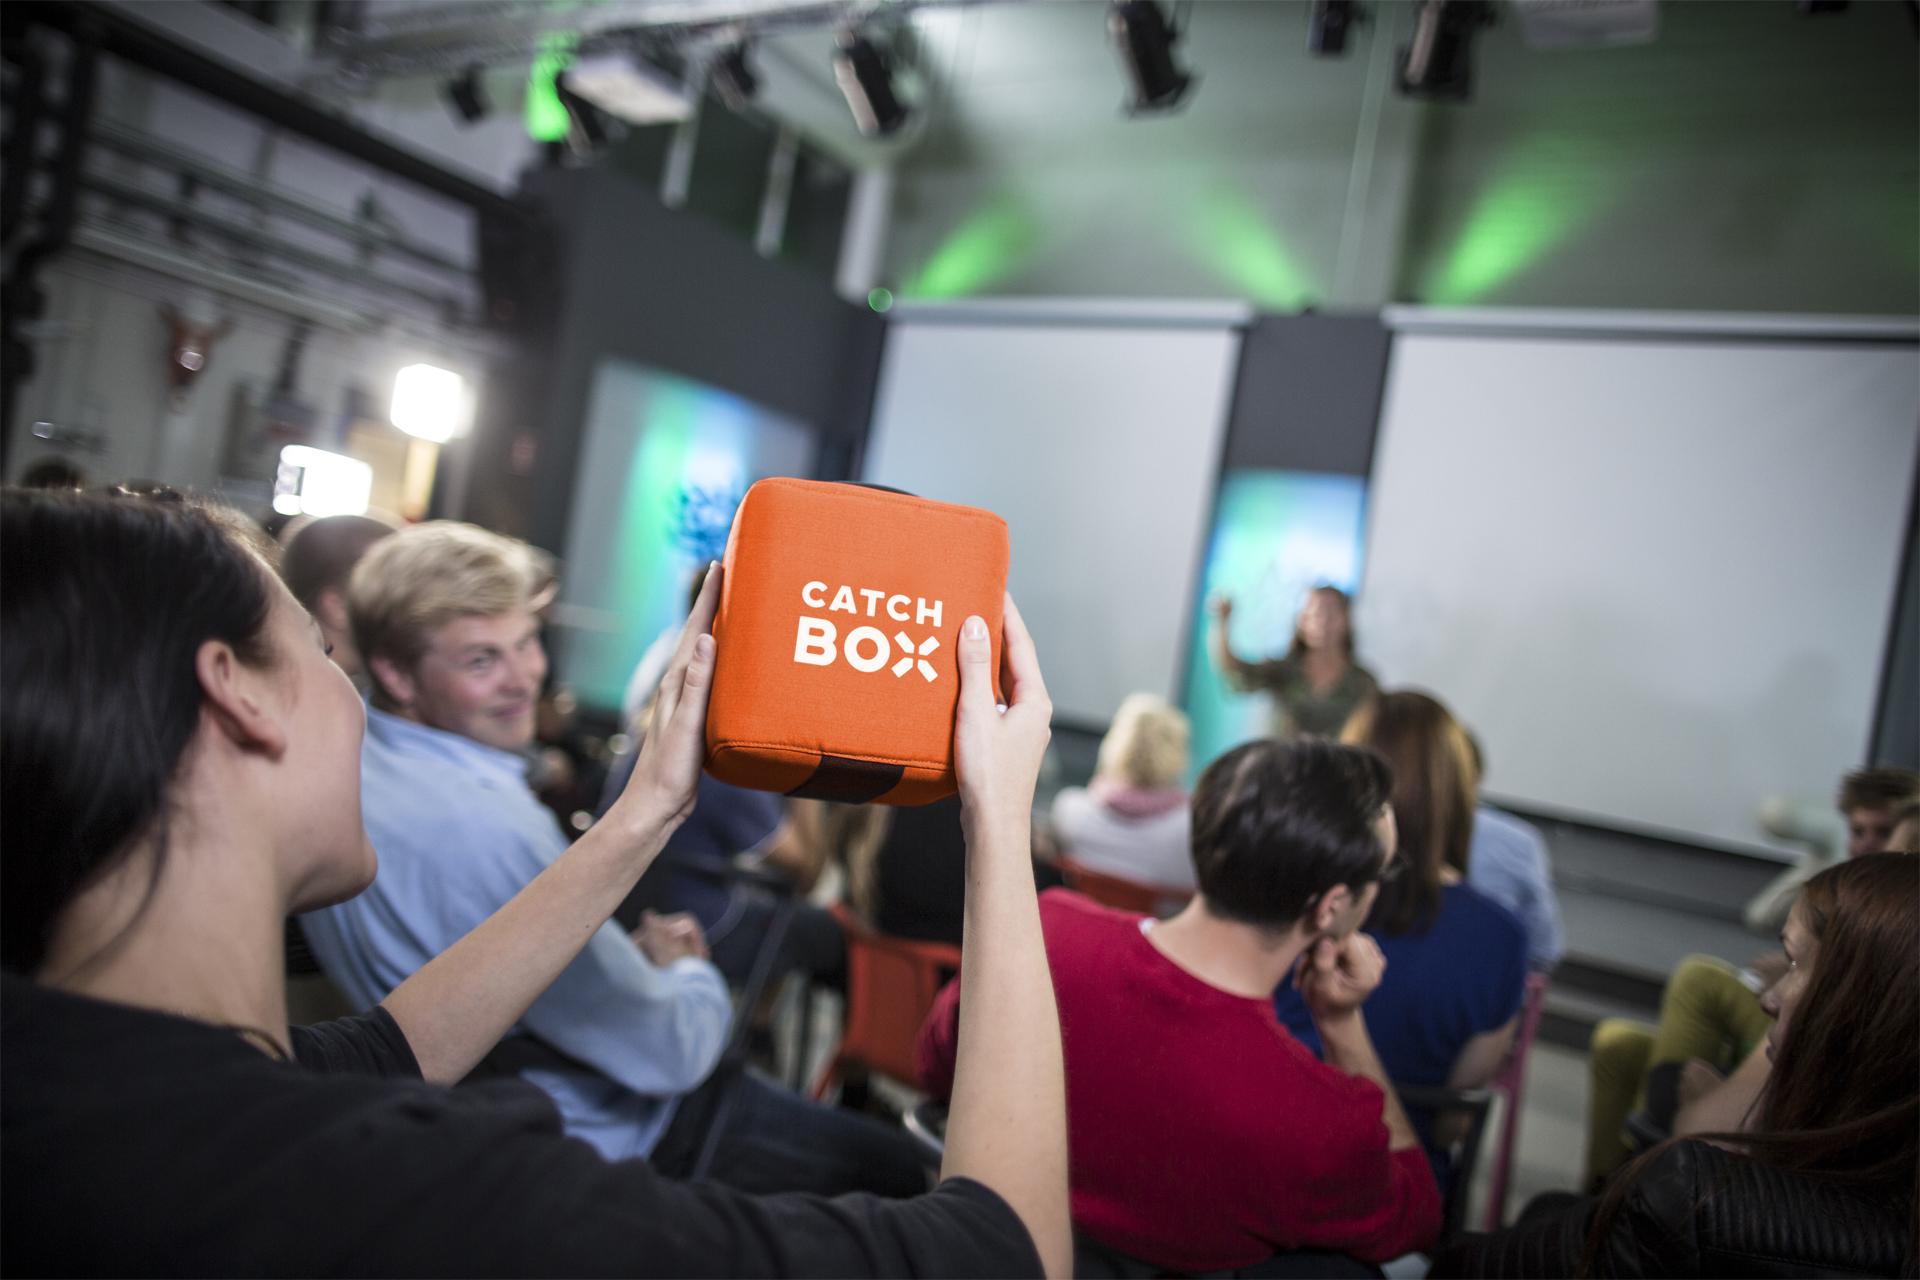 Catchbox: Konferenztechnik zum Mieten